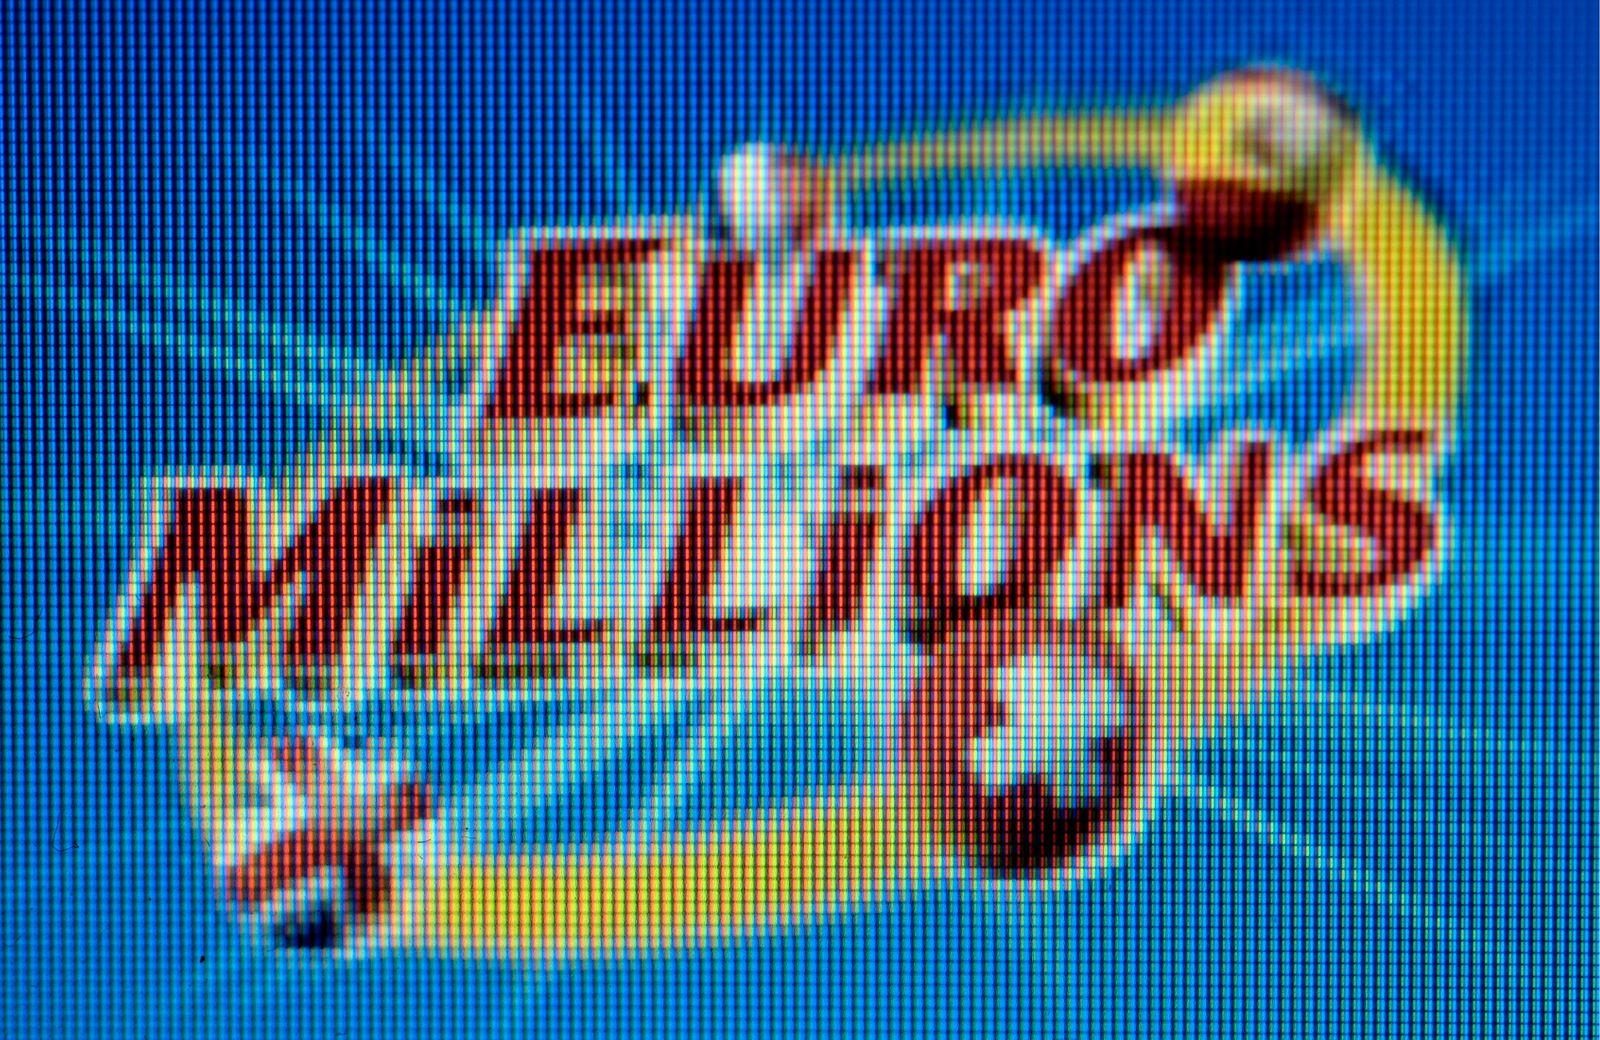 NICHT VERWENDEN EuroMillions / Jackpot / Lotto